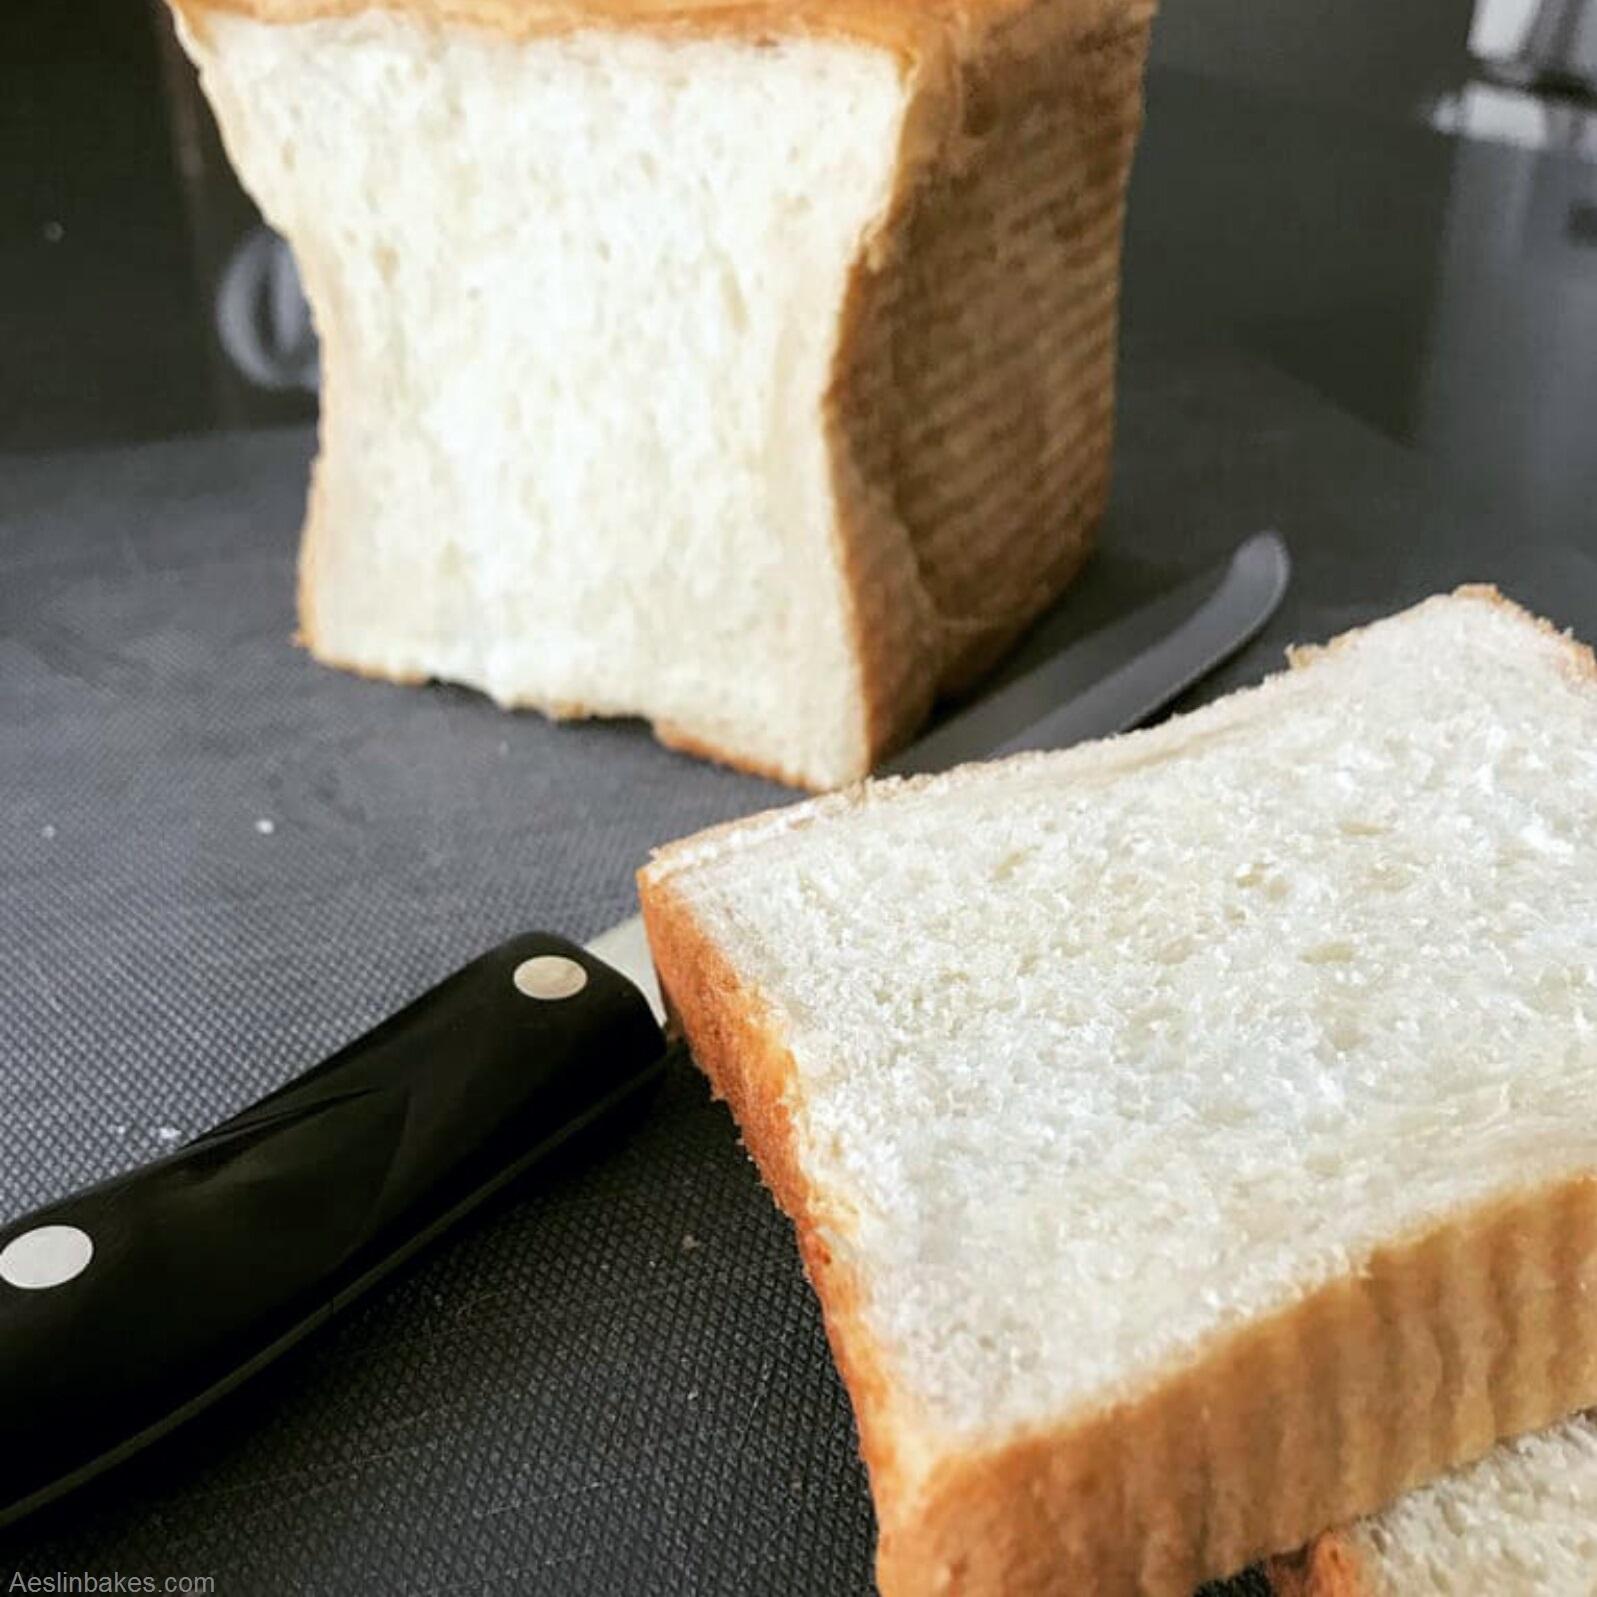 Soft Sandwich Bread sunken